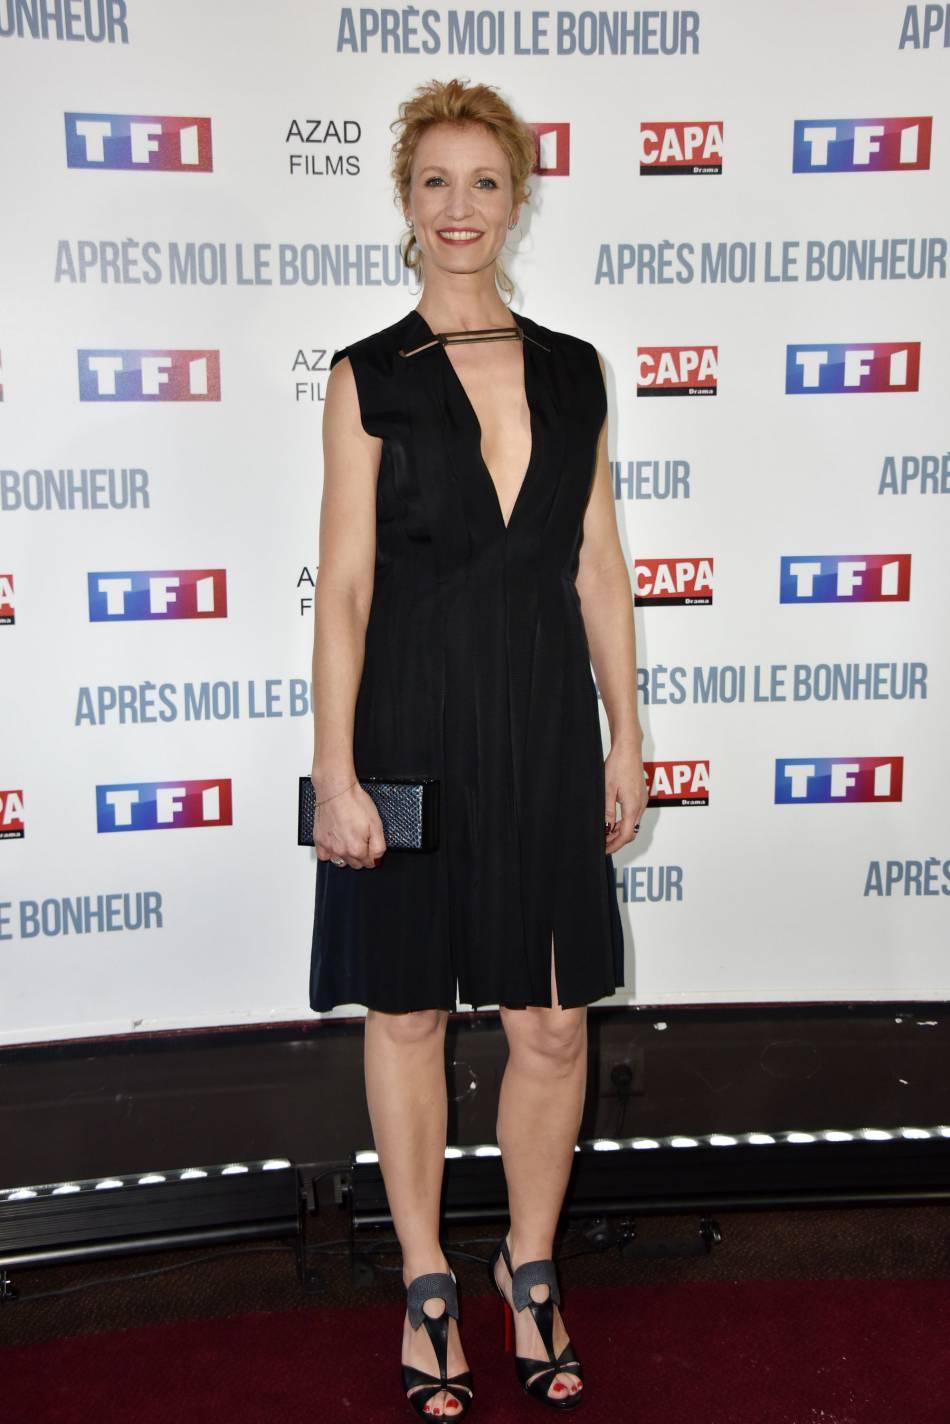 Alexandra Lamy a fait fort côté look avec une robe plus sexy qu'elle en a l'air de prime abord.